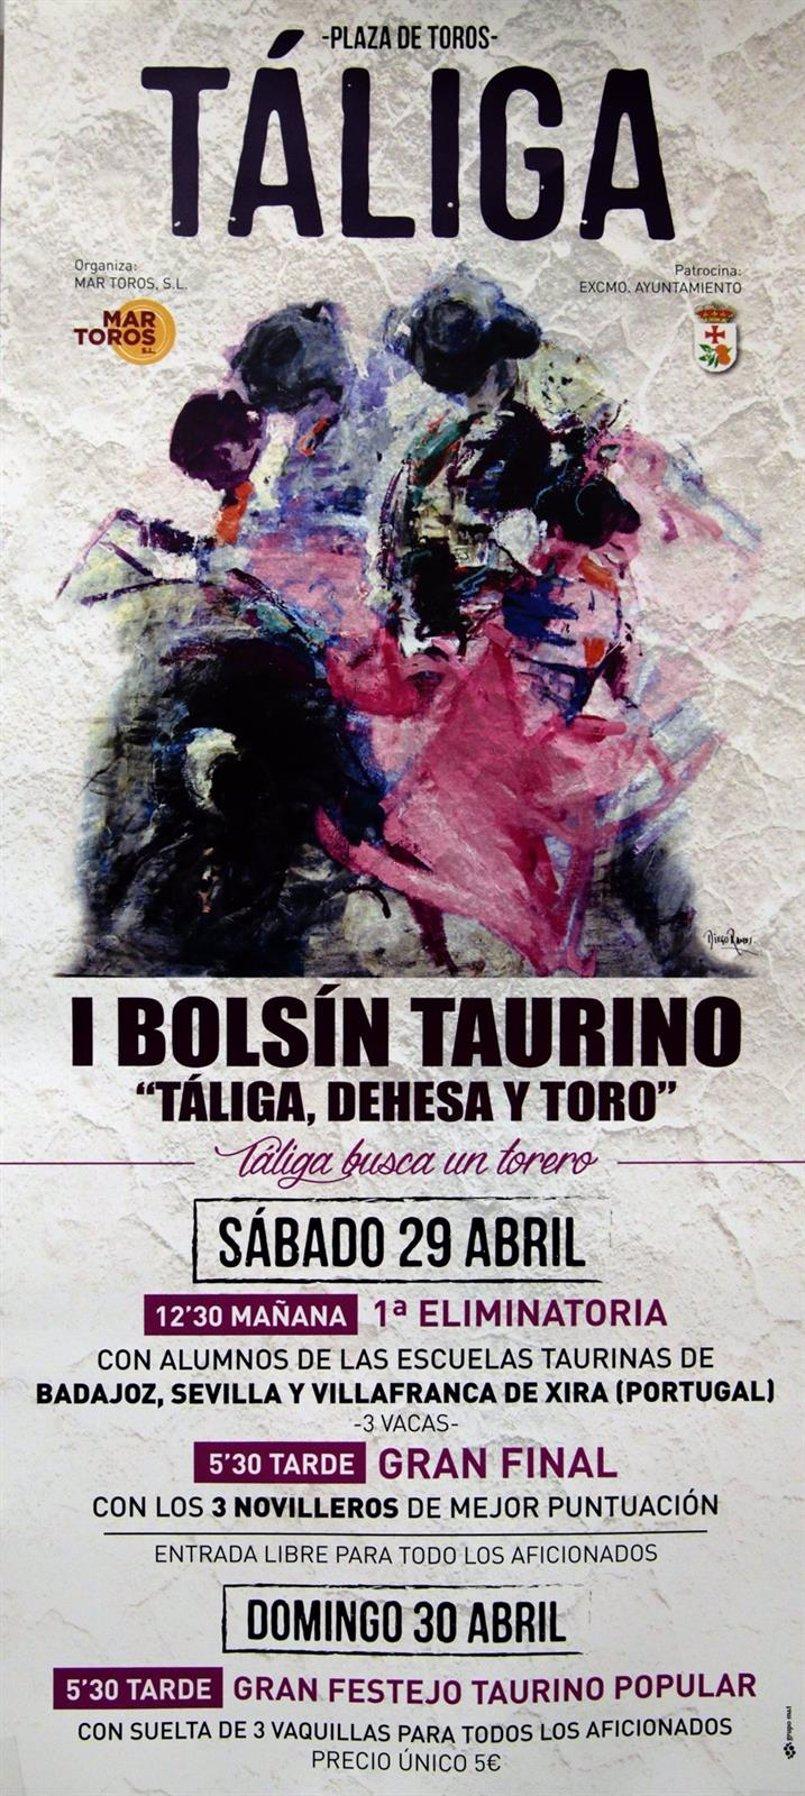 Táliga celebrará su I Bolsín Taurino con representación de alumnos de las Escuelas de Badajoz, Sevilla y una portuguesa